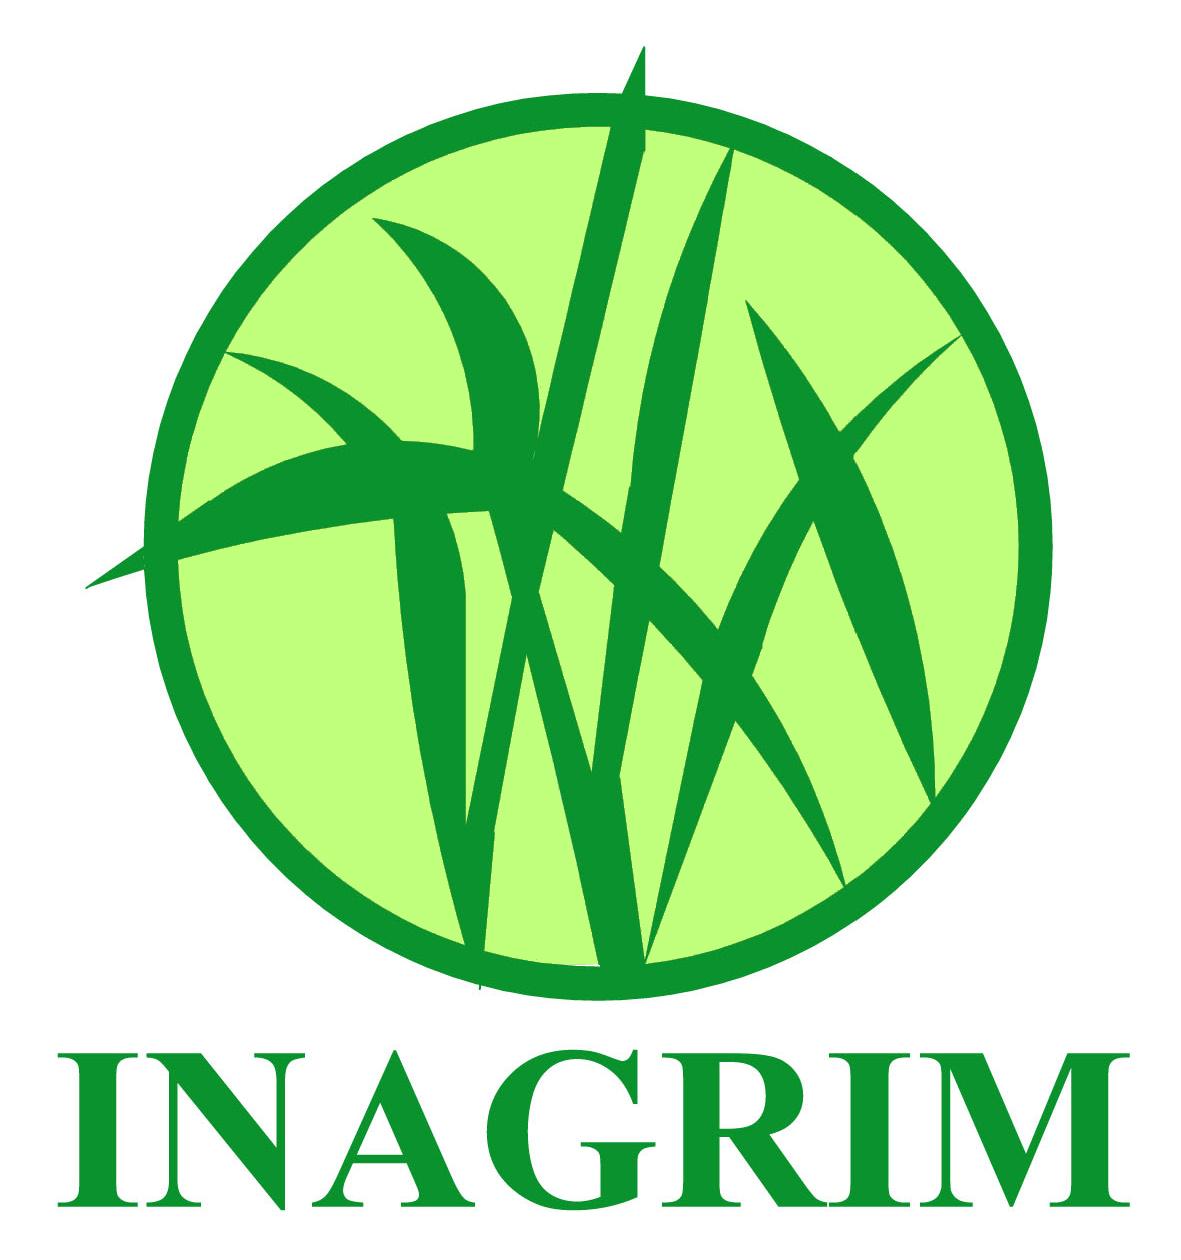 inagrim